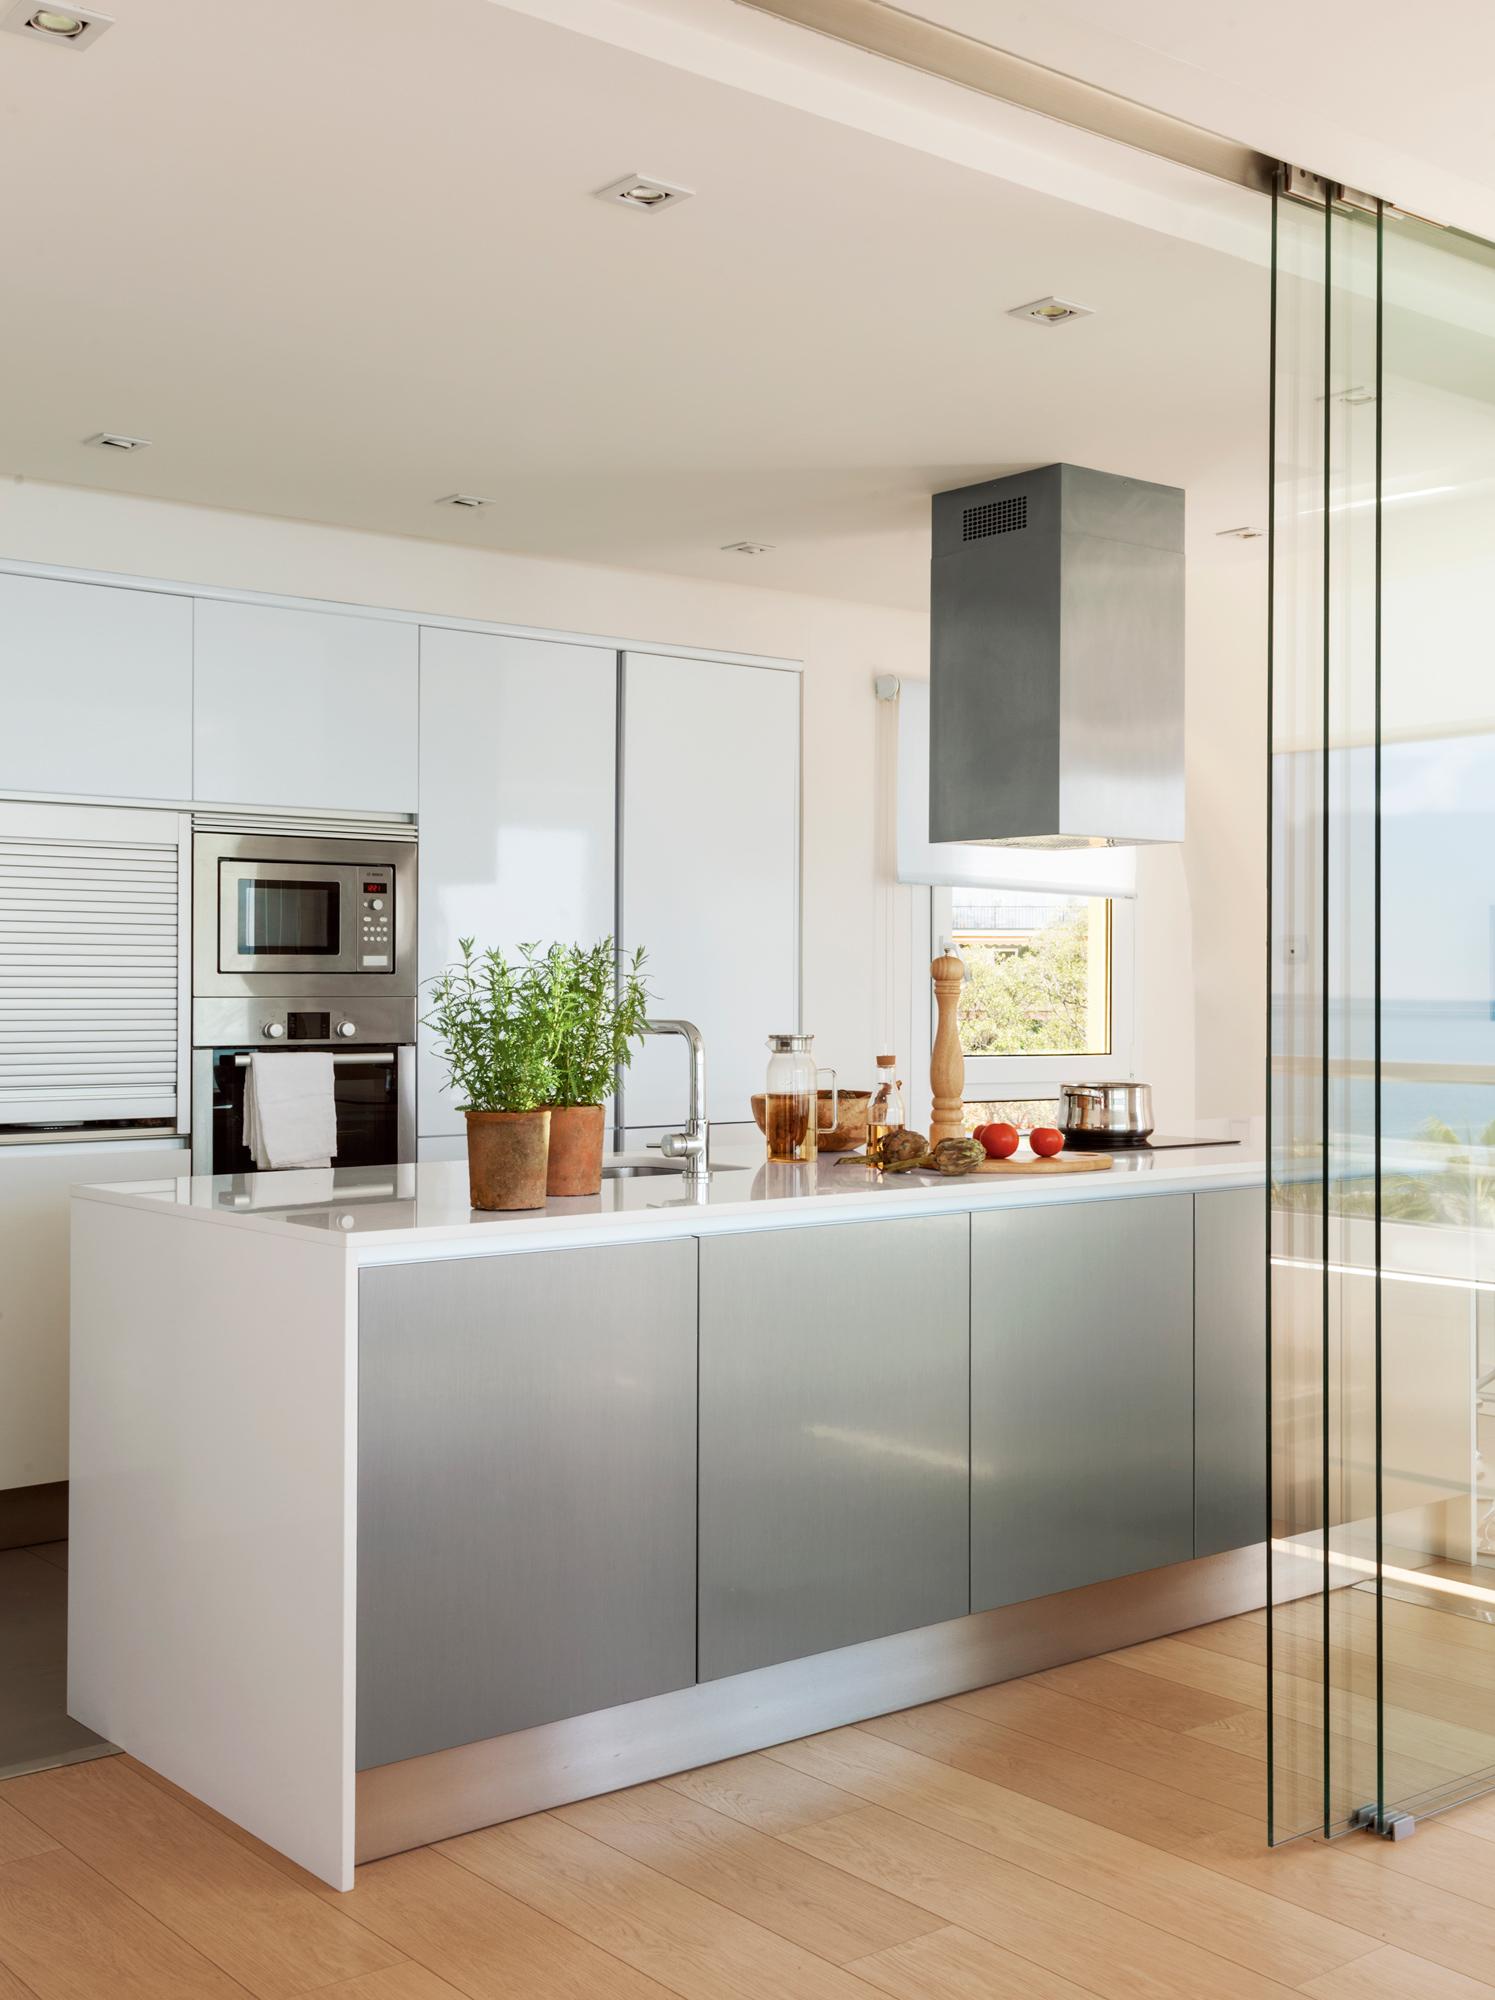 Puertas correderas para evitar barreras y ahorrar espacio - Cocinas de cristal ...